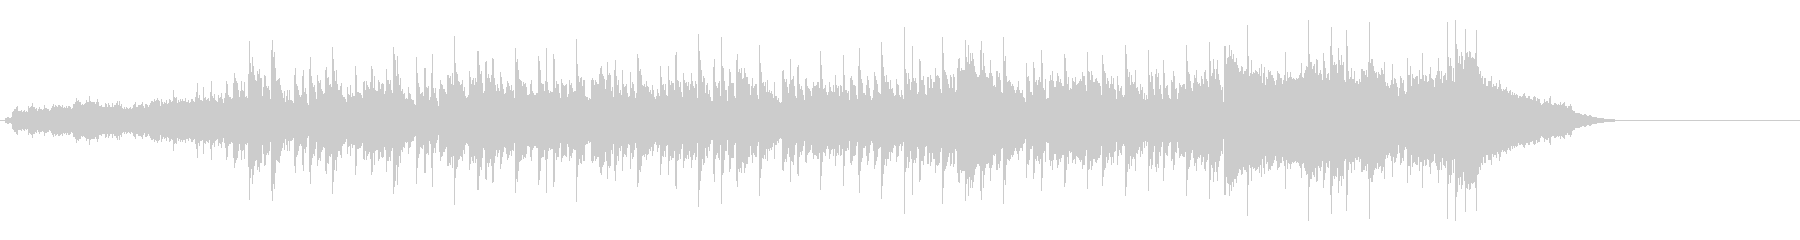 スタイリッシュなBGMの未再生の波形